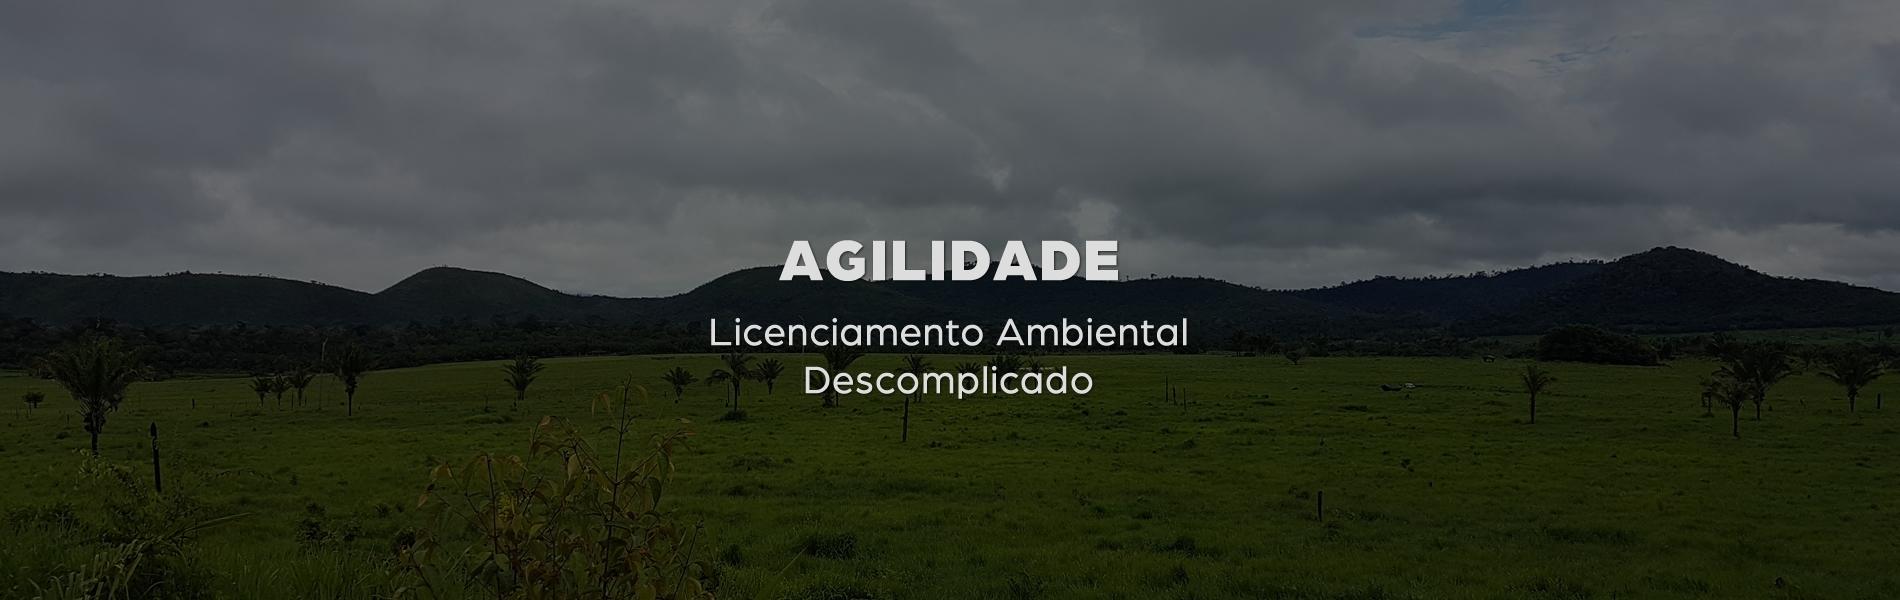 Agilidade - Licenciamento Ambiental Descomplicado - Soluções Ambientais - Ecovery